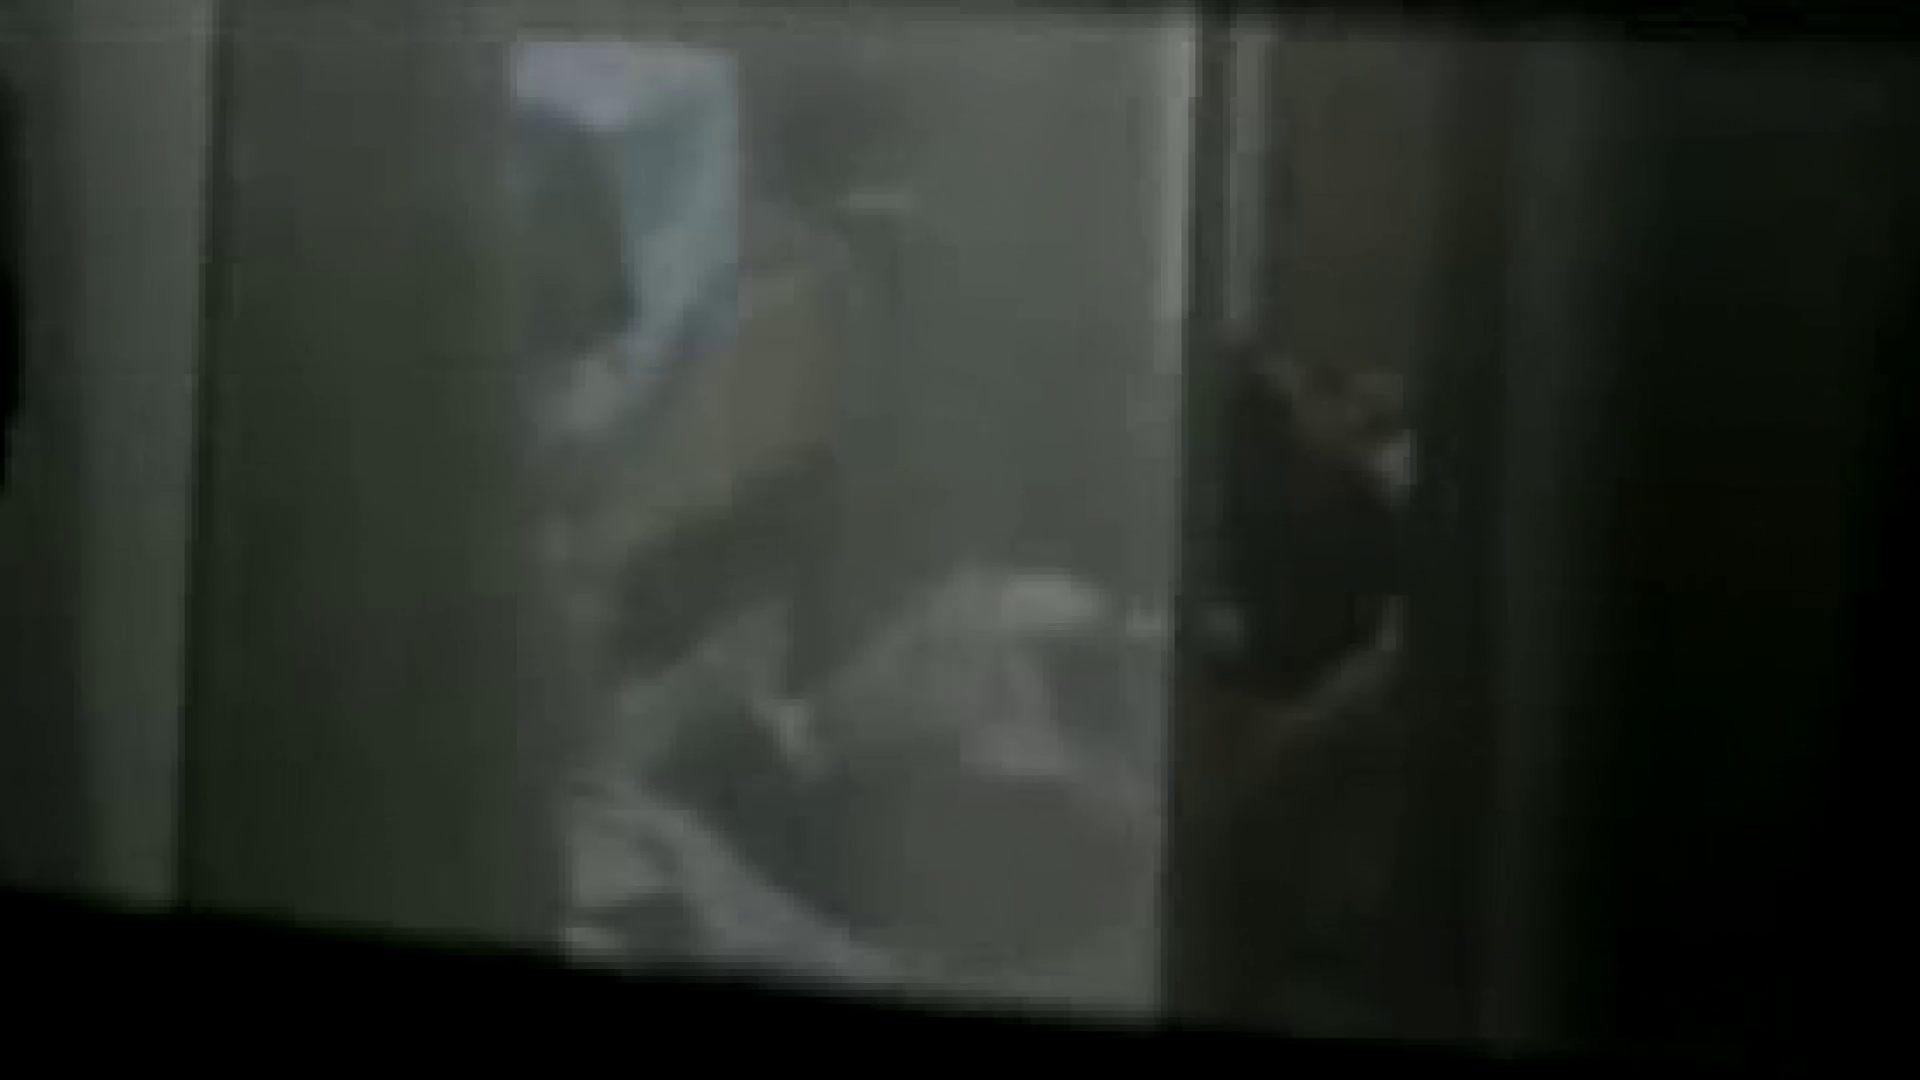 オナニー 一人ぼっち エロ   ゲイのオナニー映像  62枚 3